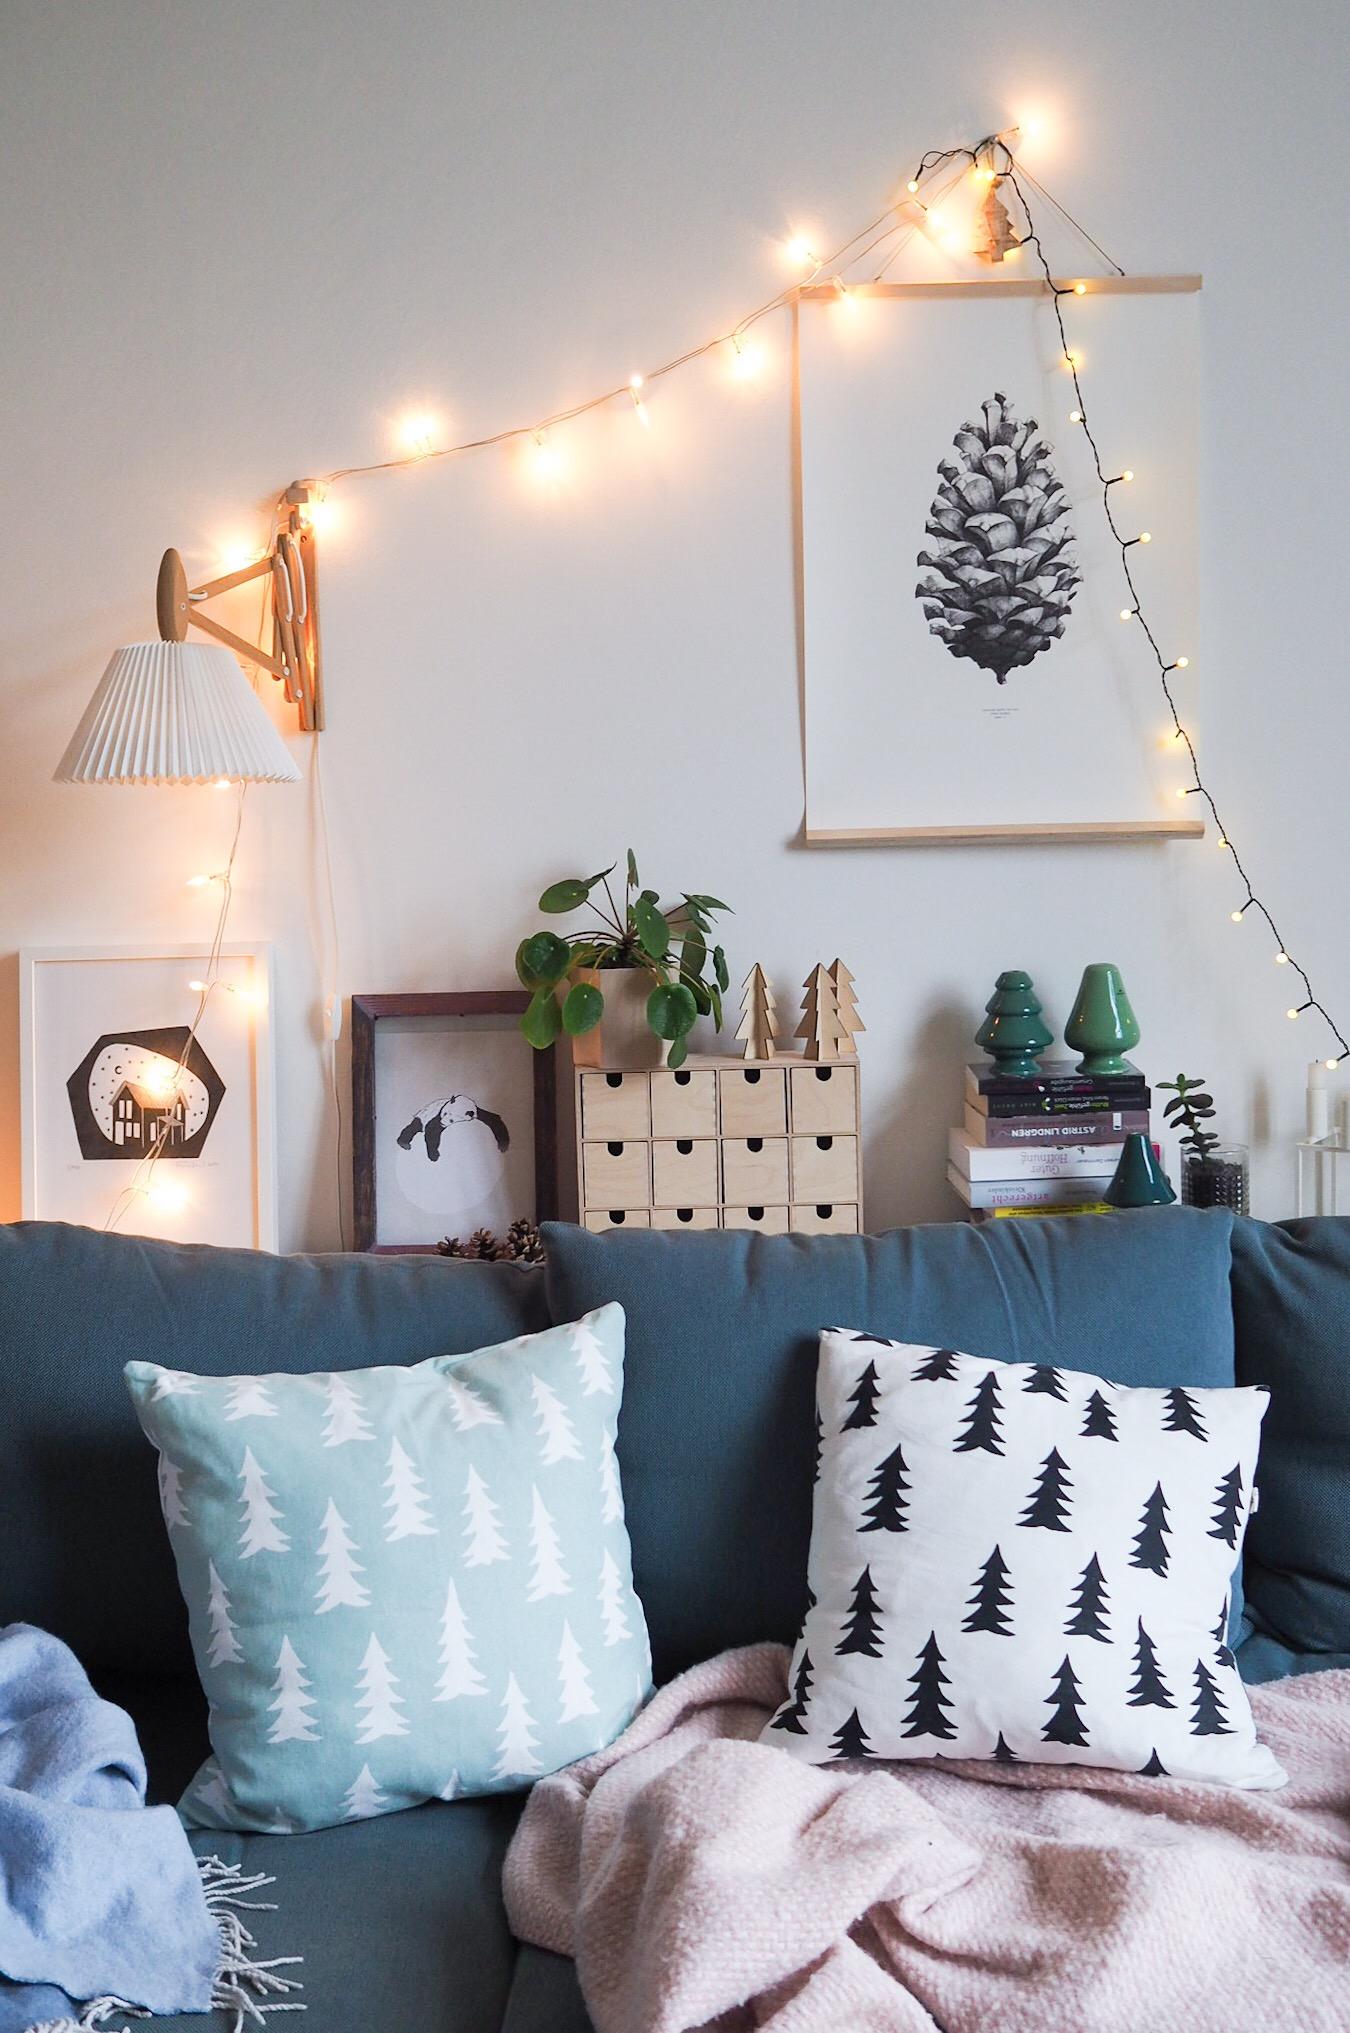 Gemütliche Weihnachten - unser Weihnachtswohnzimmer